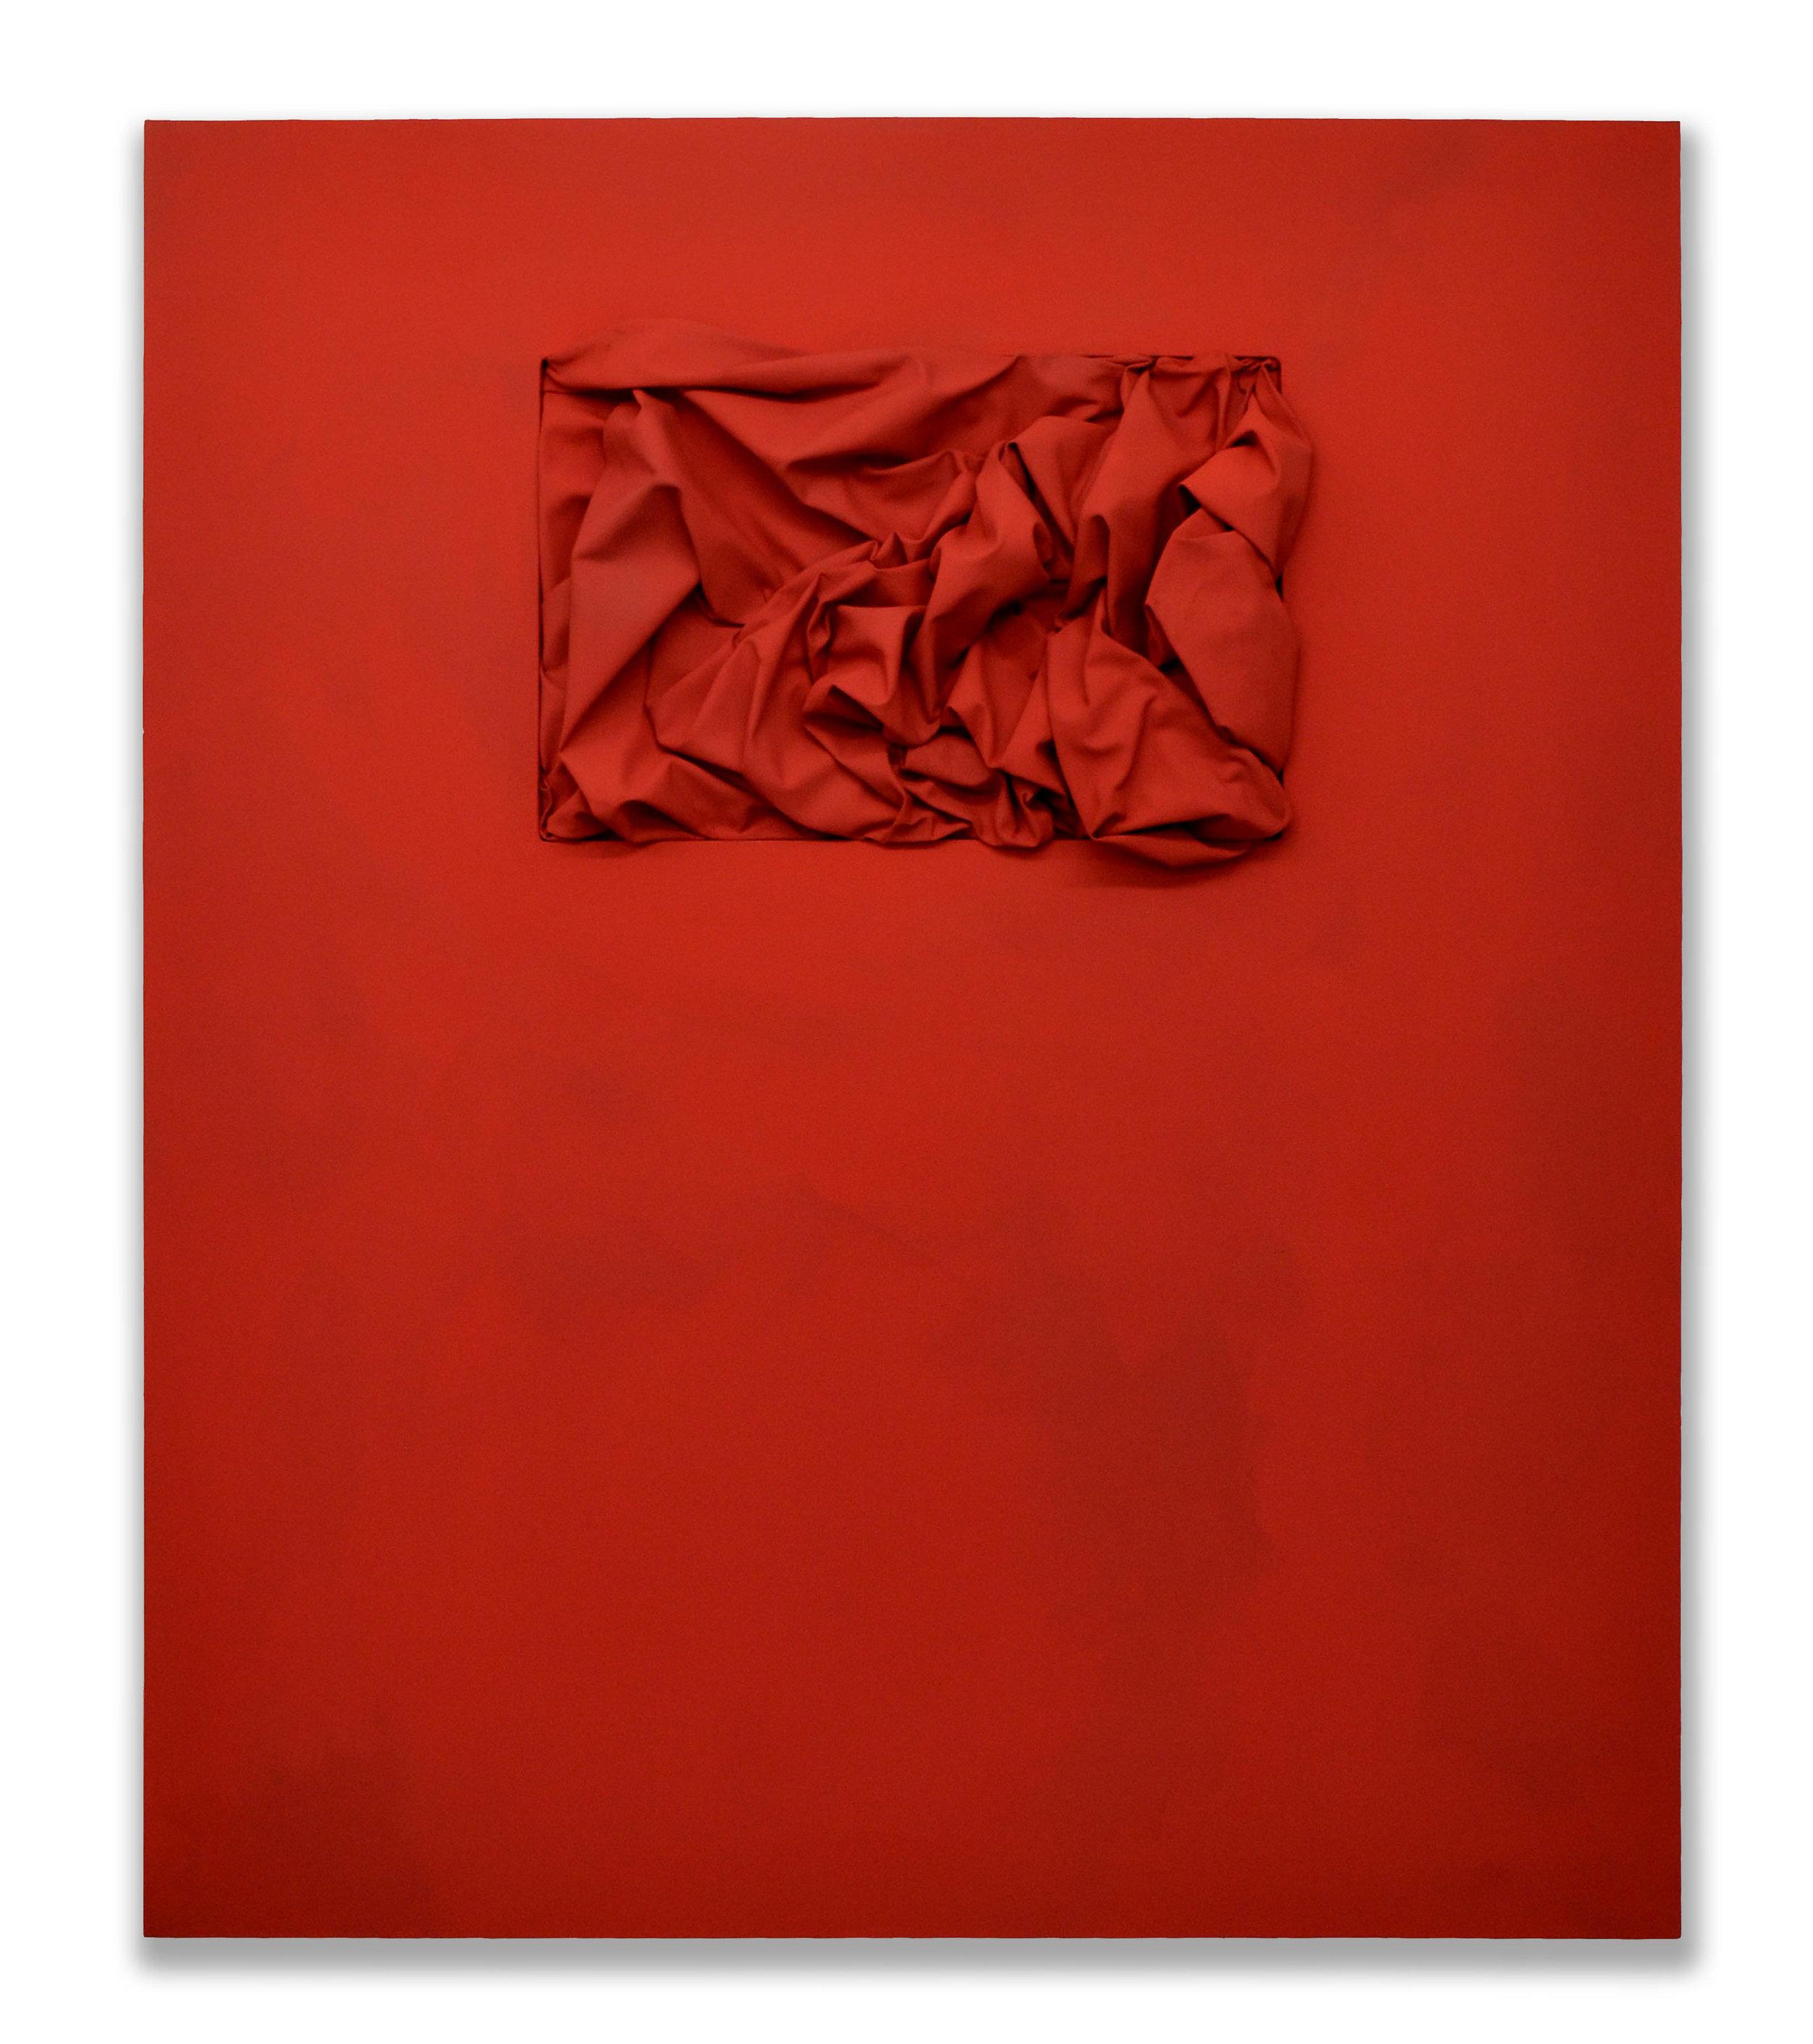 Inside Cadmium  - 2017  Pigmento acrilico su tela  150 x 125 cm